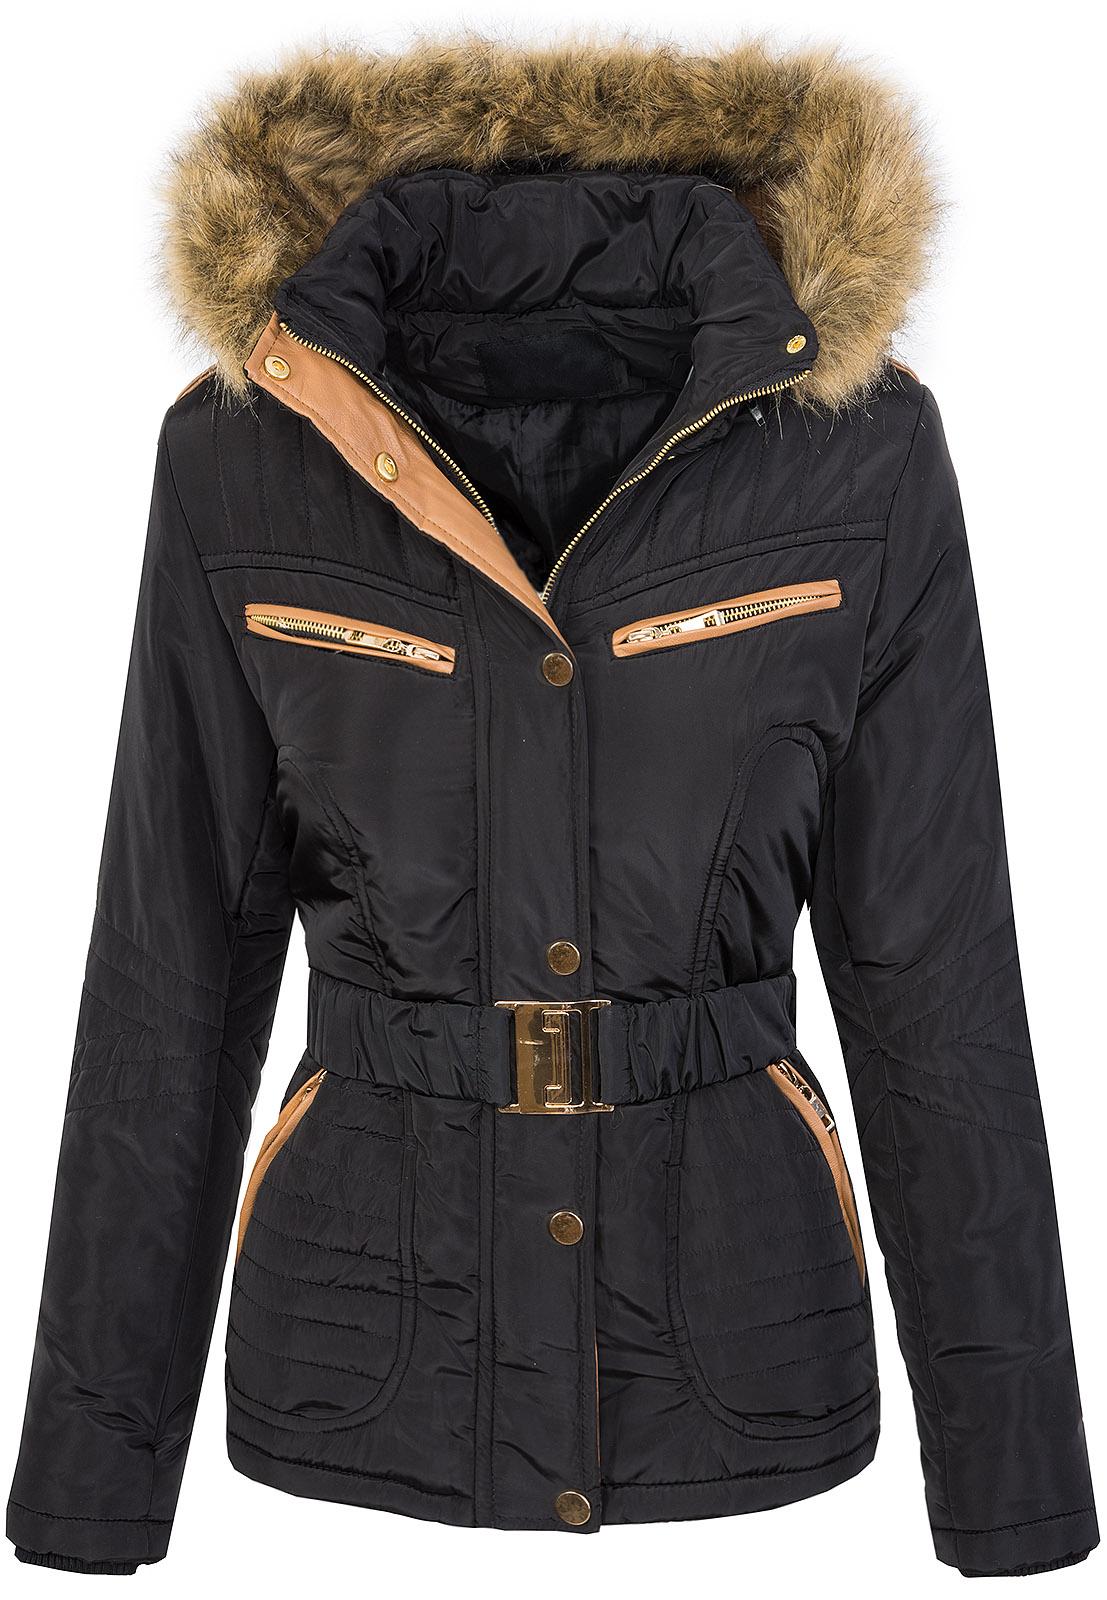 DAMEN STEPPJACKE PARKA Jacke mit Gürtel Warm Mantel Versch